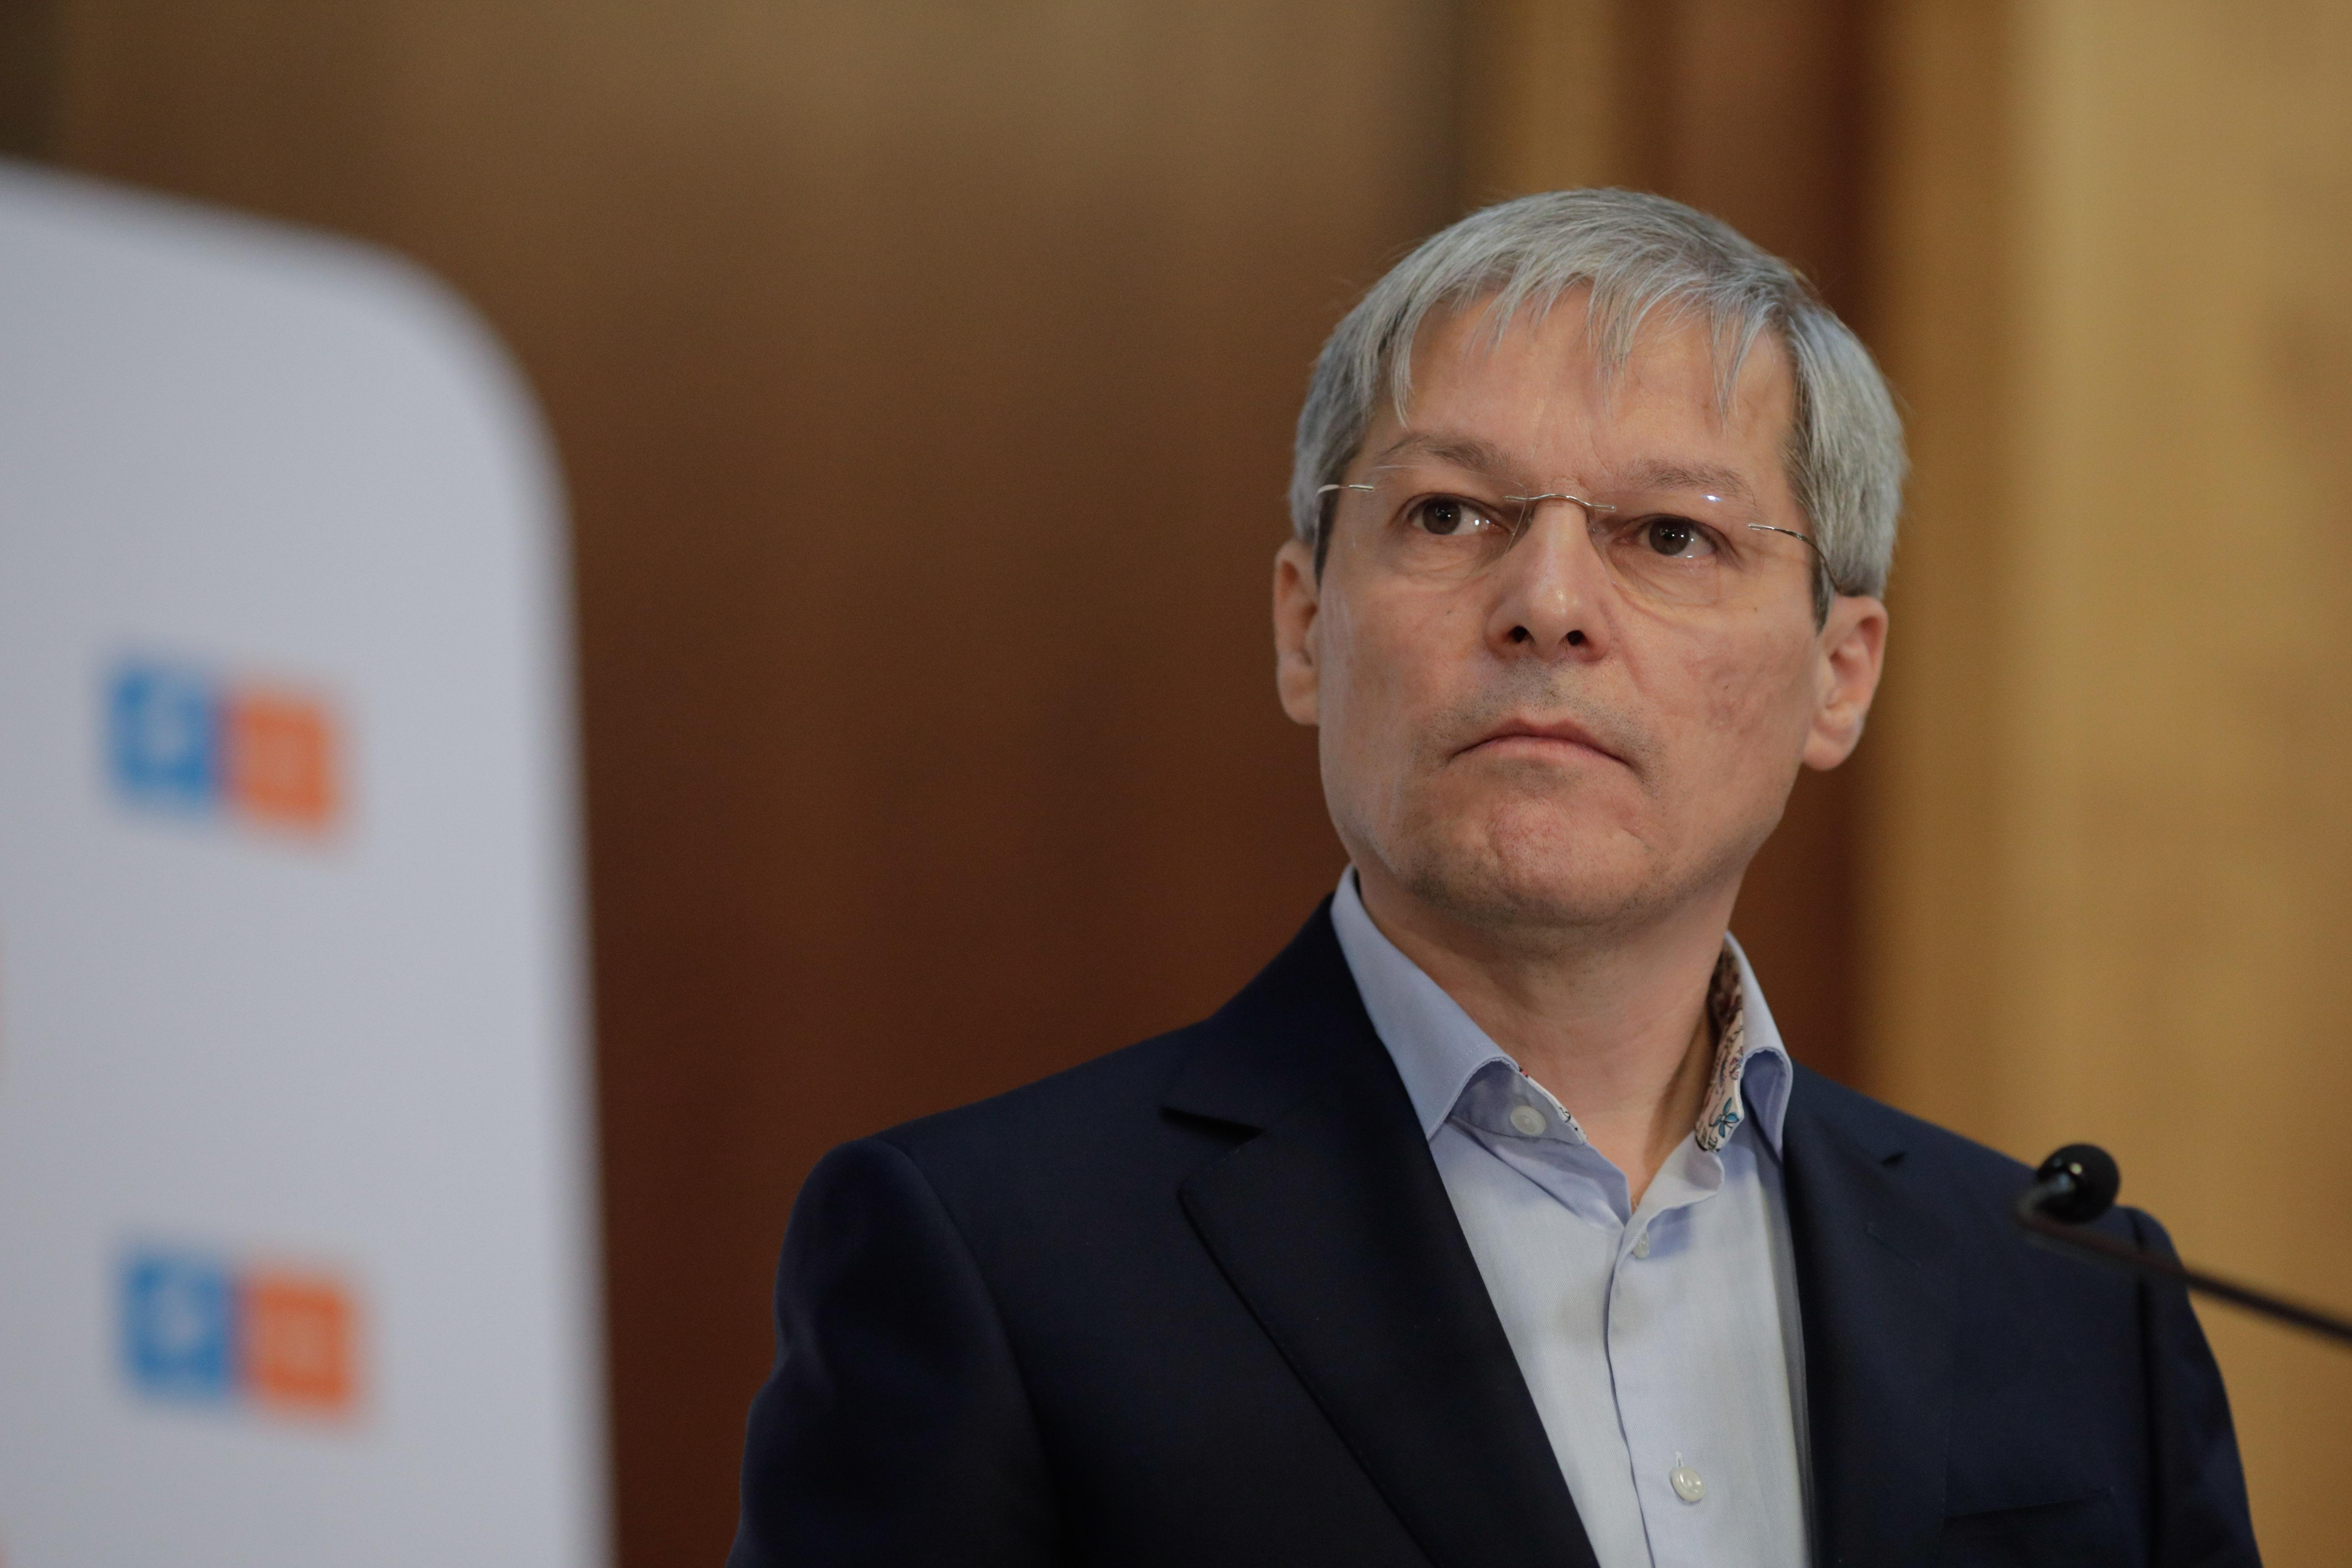 Dacian Ciolos spune ca Florin Citu e cel care a aruncat in aer increderea din coalitie, dar l-ar fi numit ministru in cabinetul sau